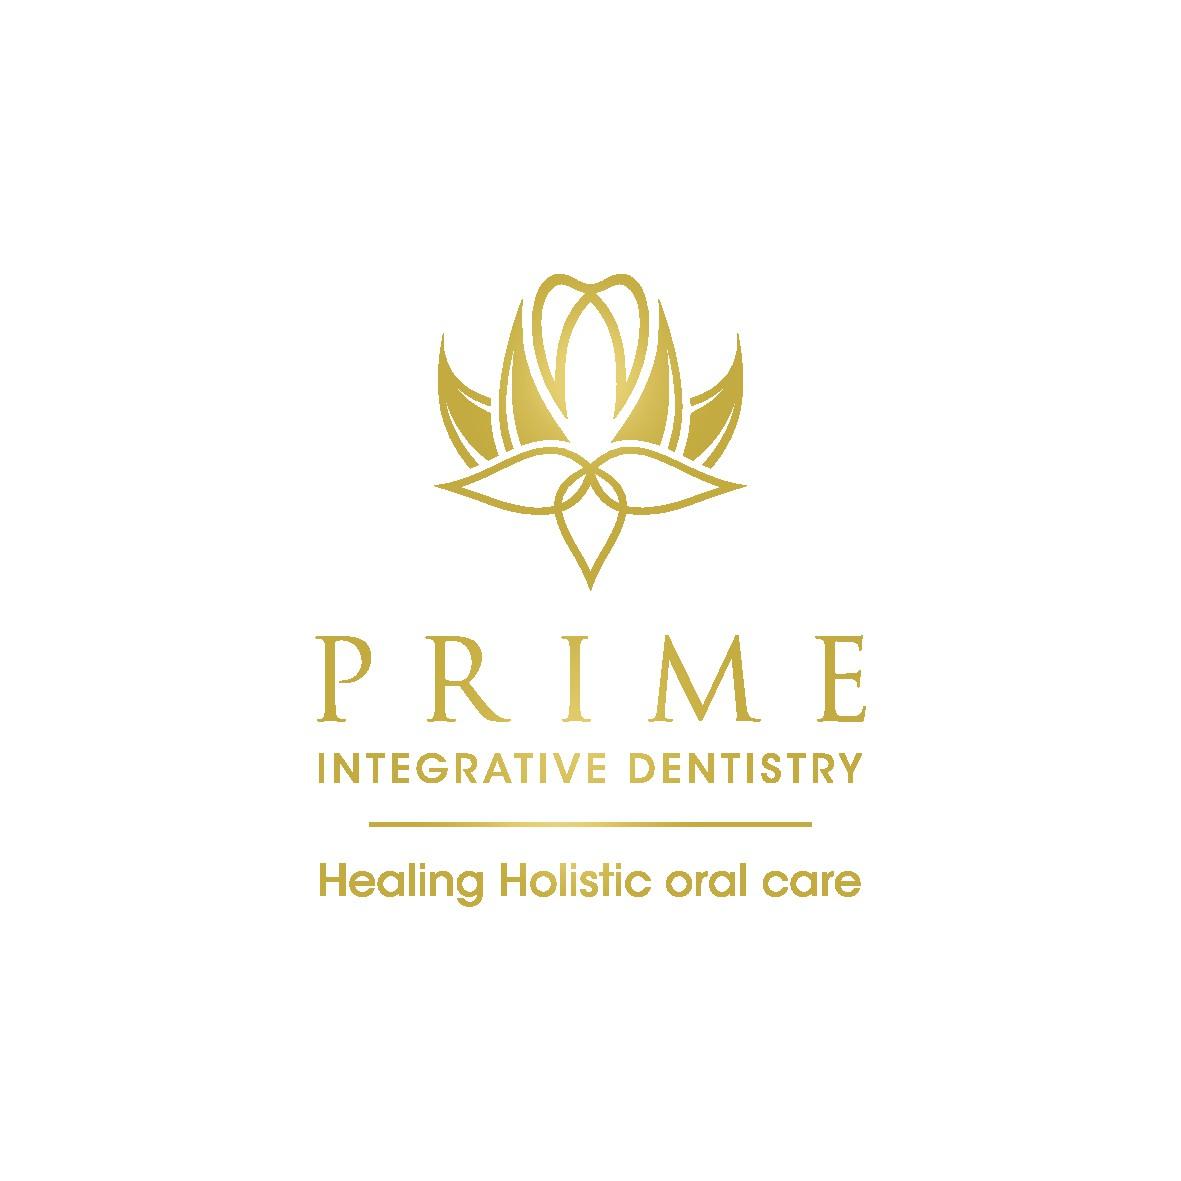 Logo for holistic dental practice